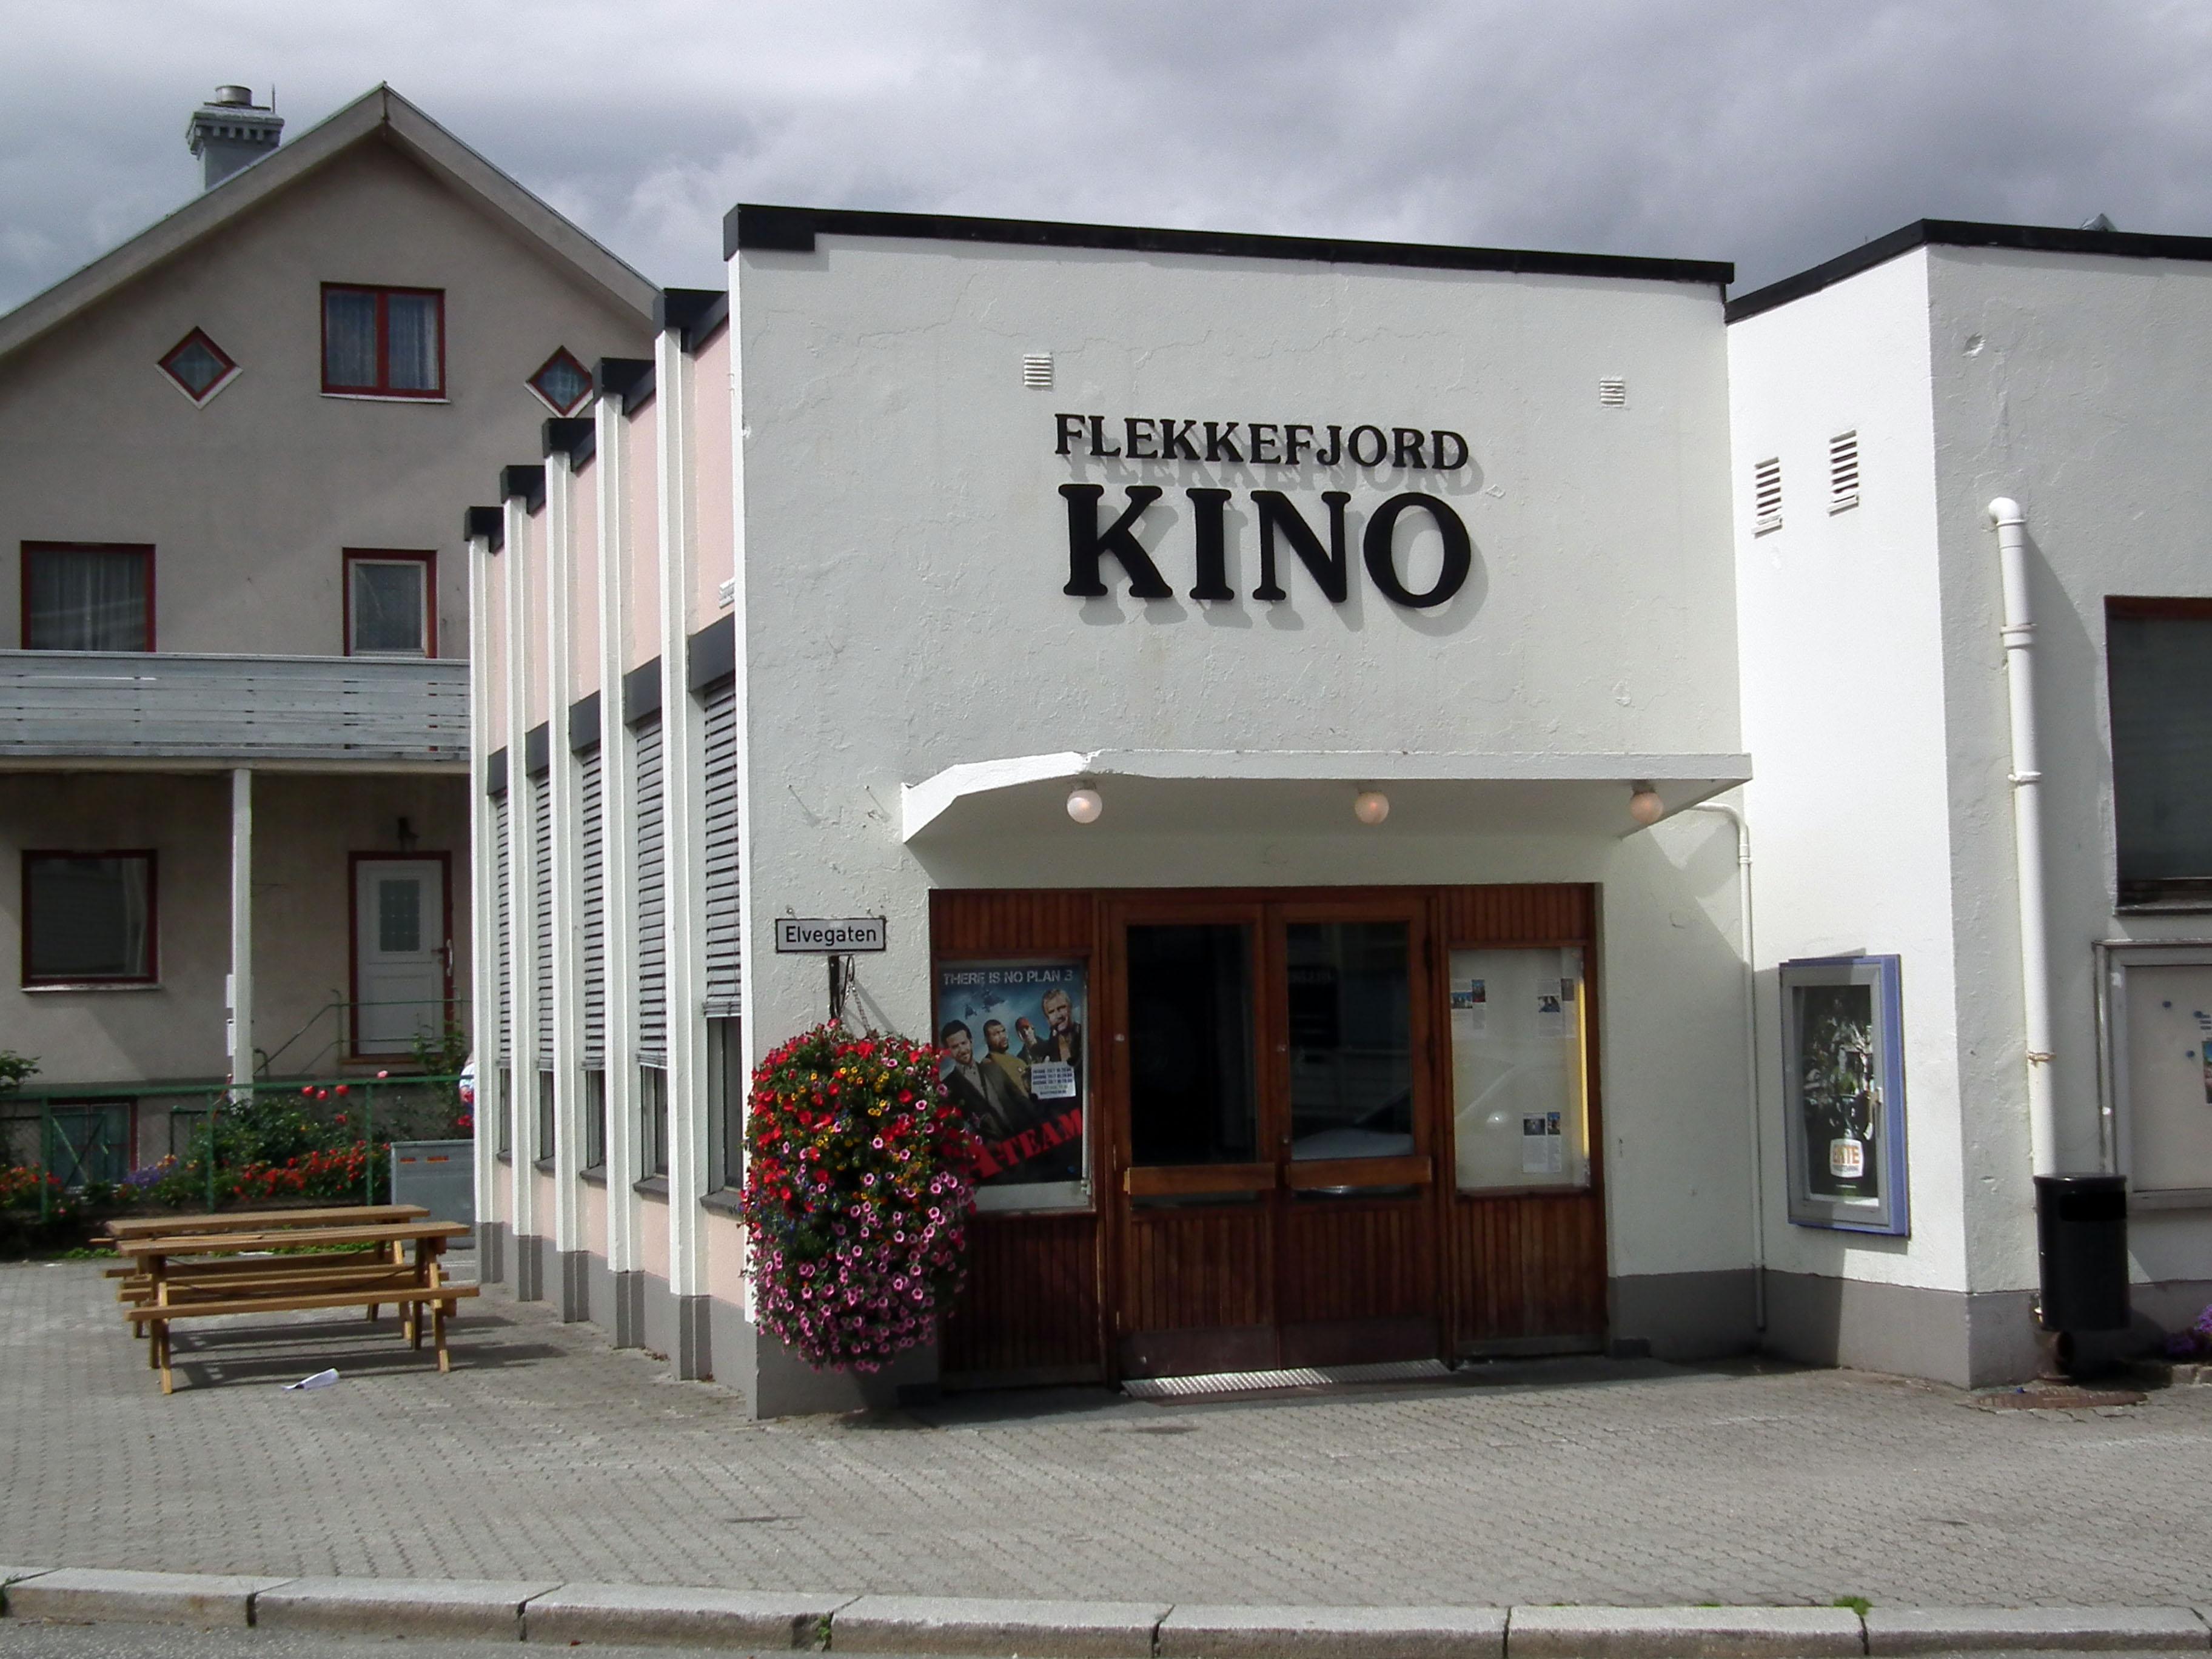 dating online Flekkefjord